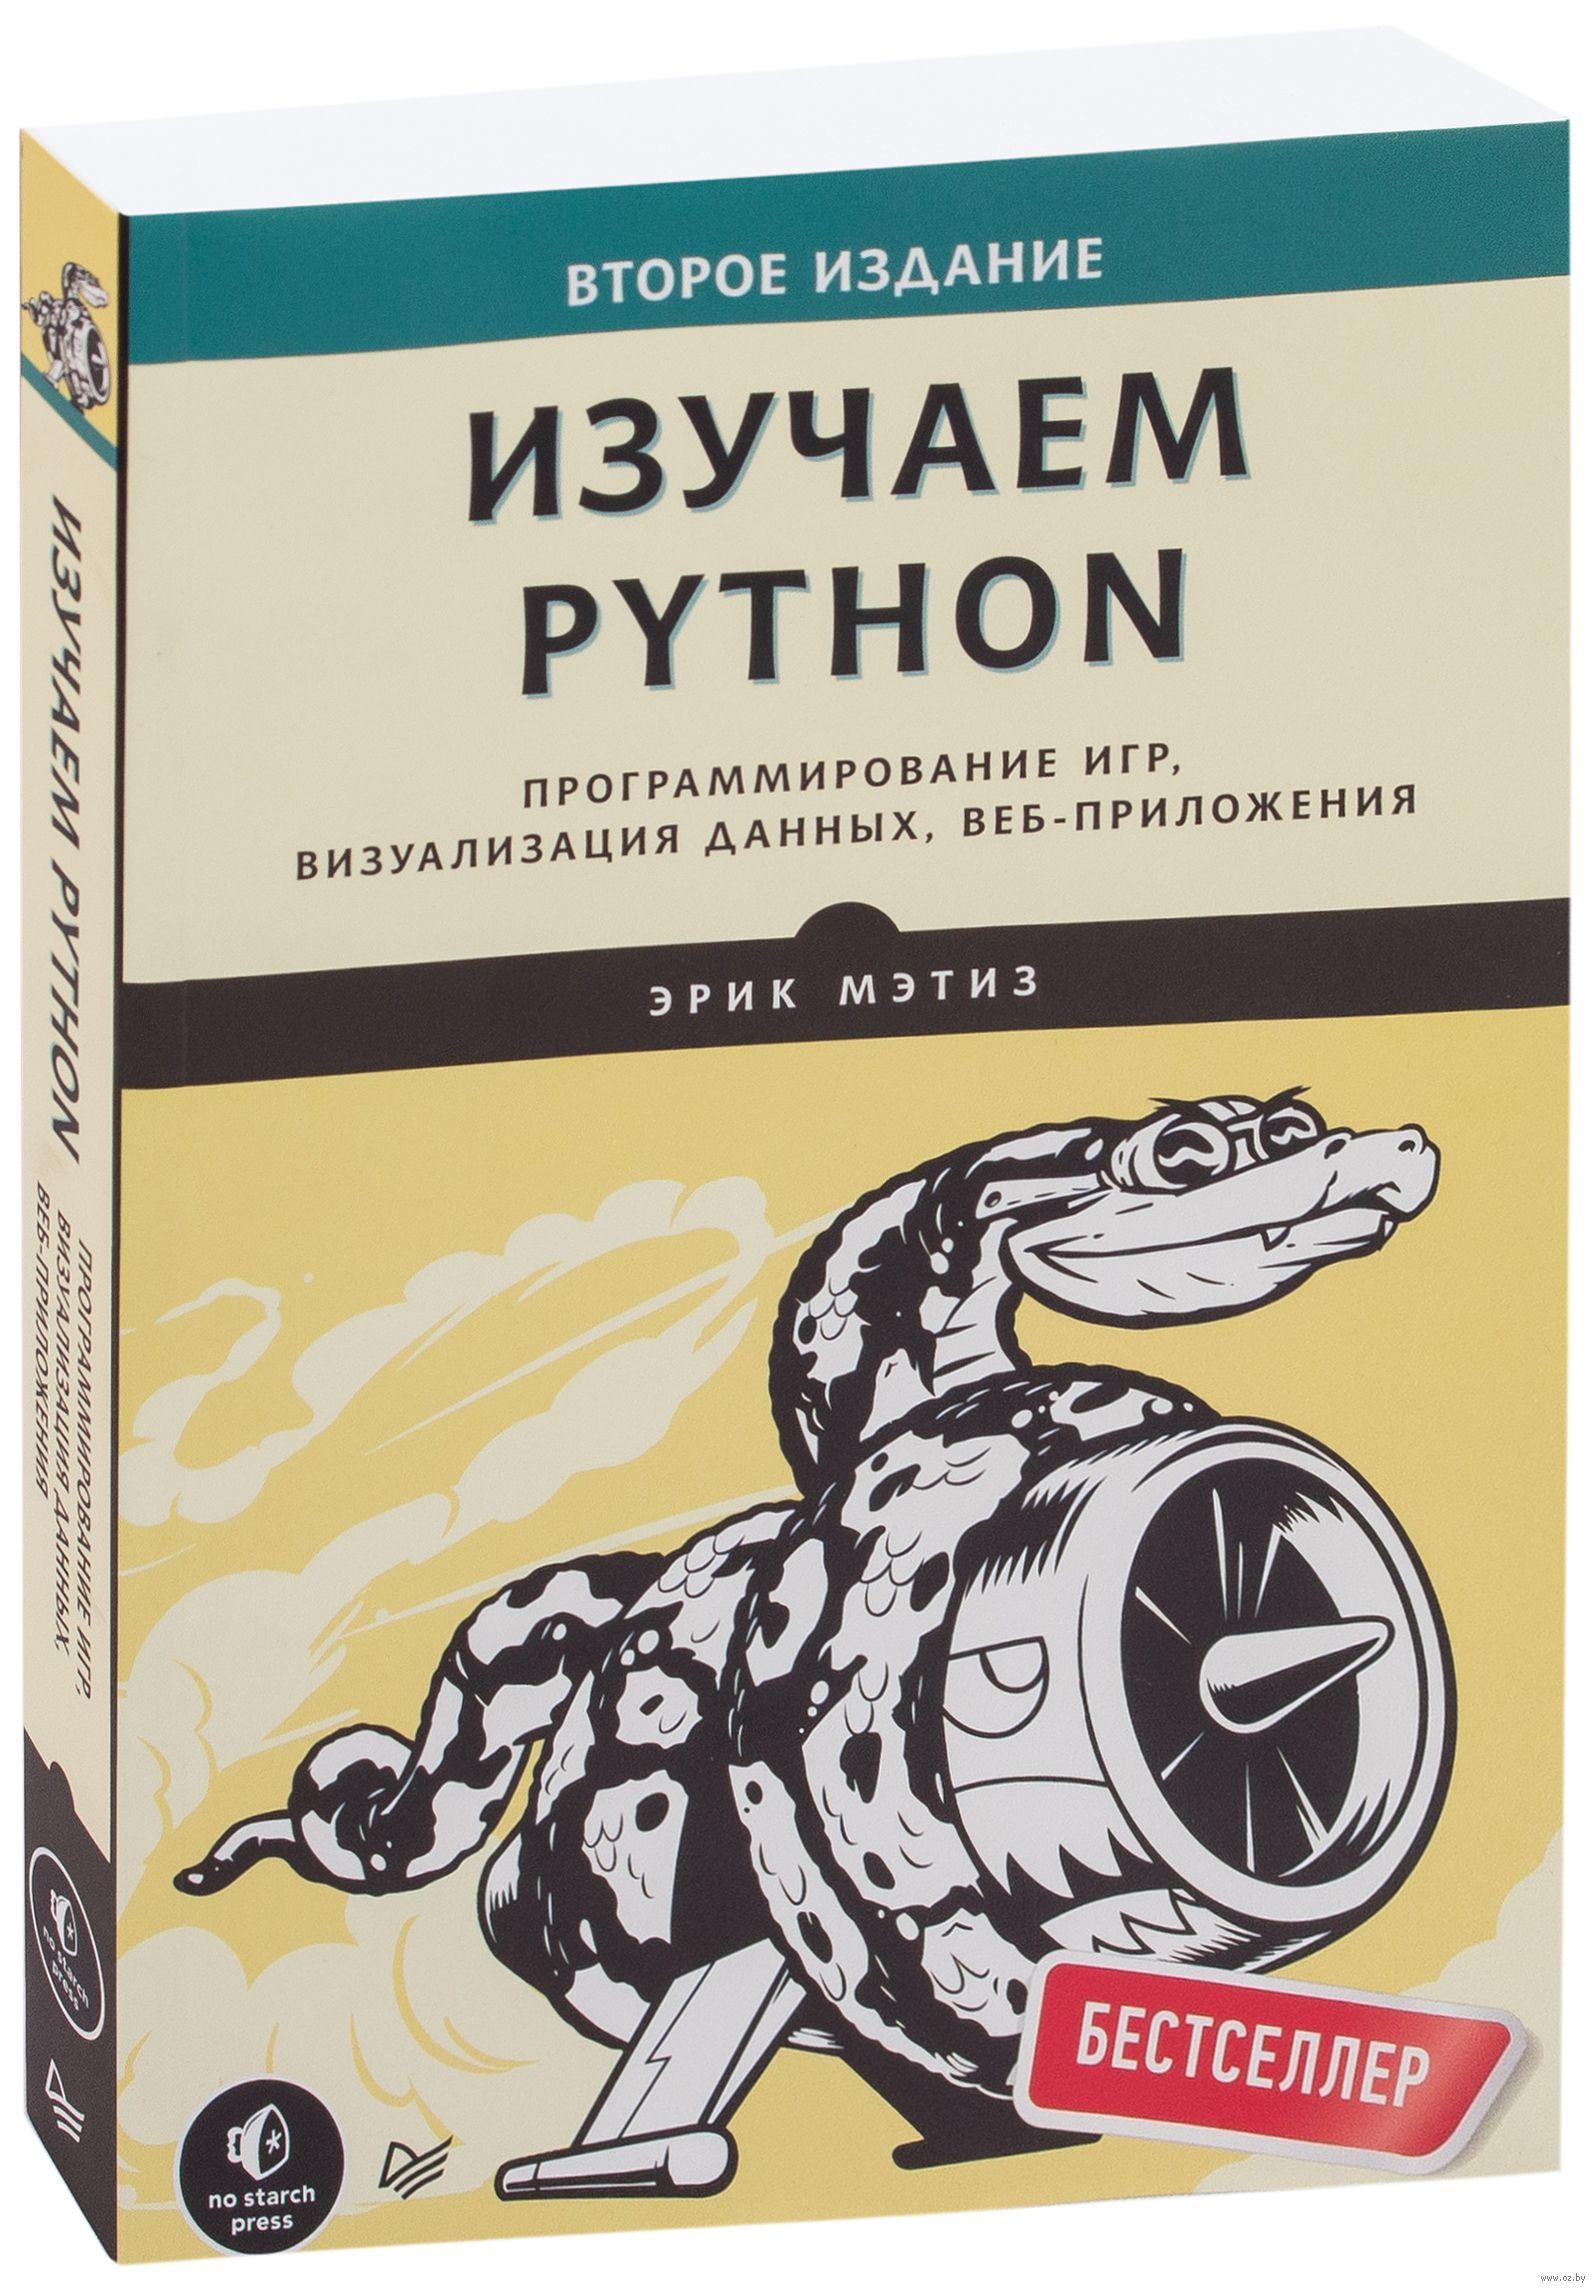 Эрик Мэтиз Изучаем Python. Программирование игр, визуализация данных, веб-приложения